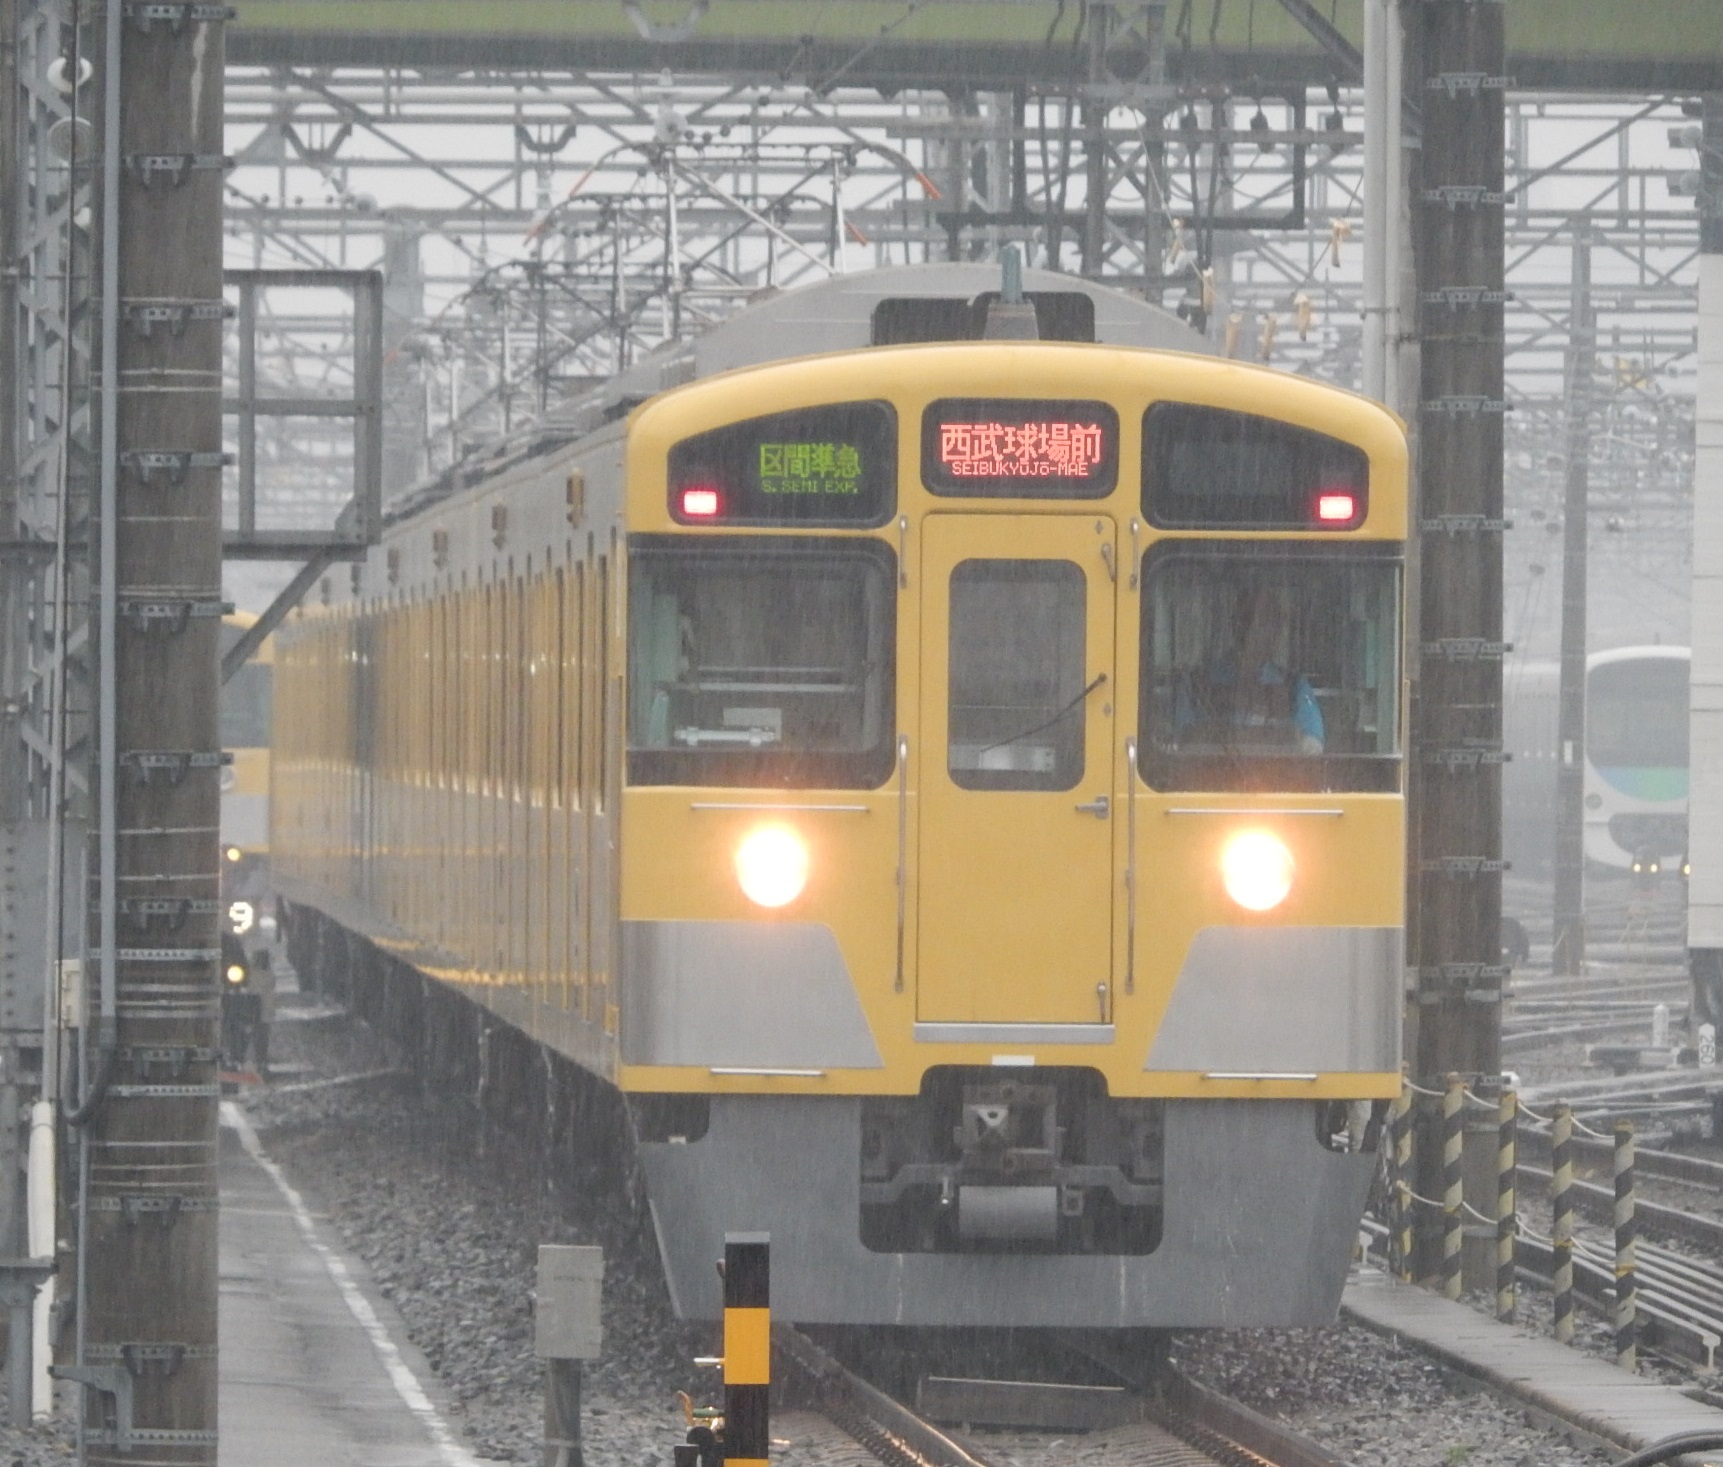 DSCN8598.jpg